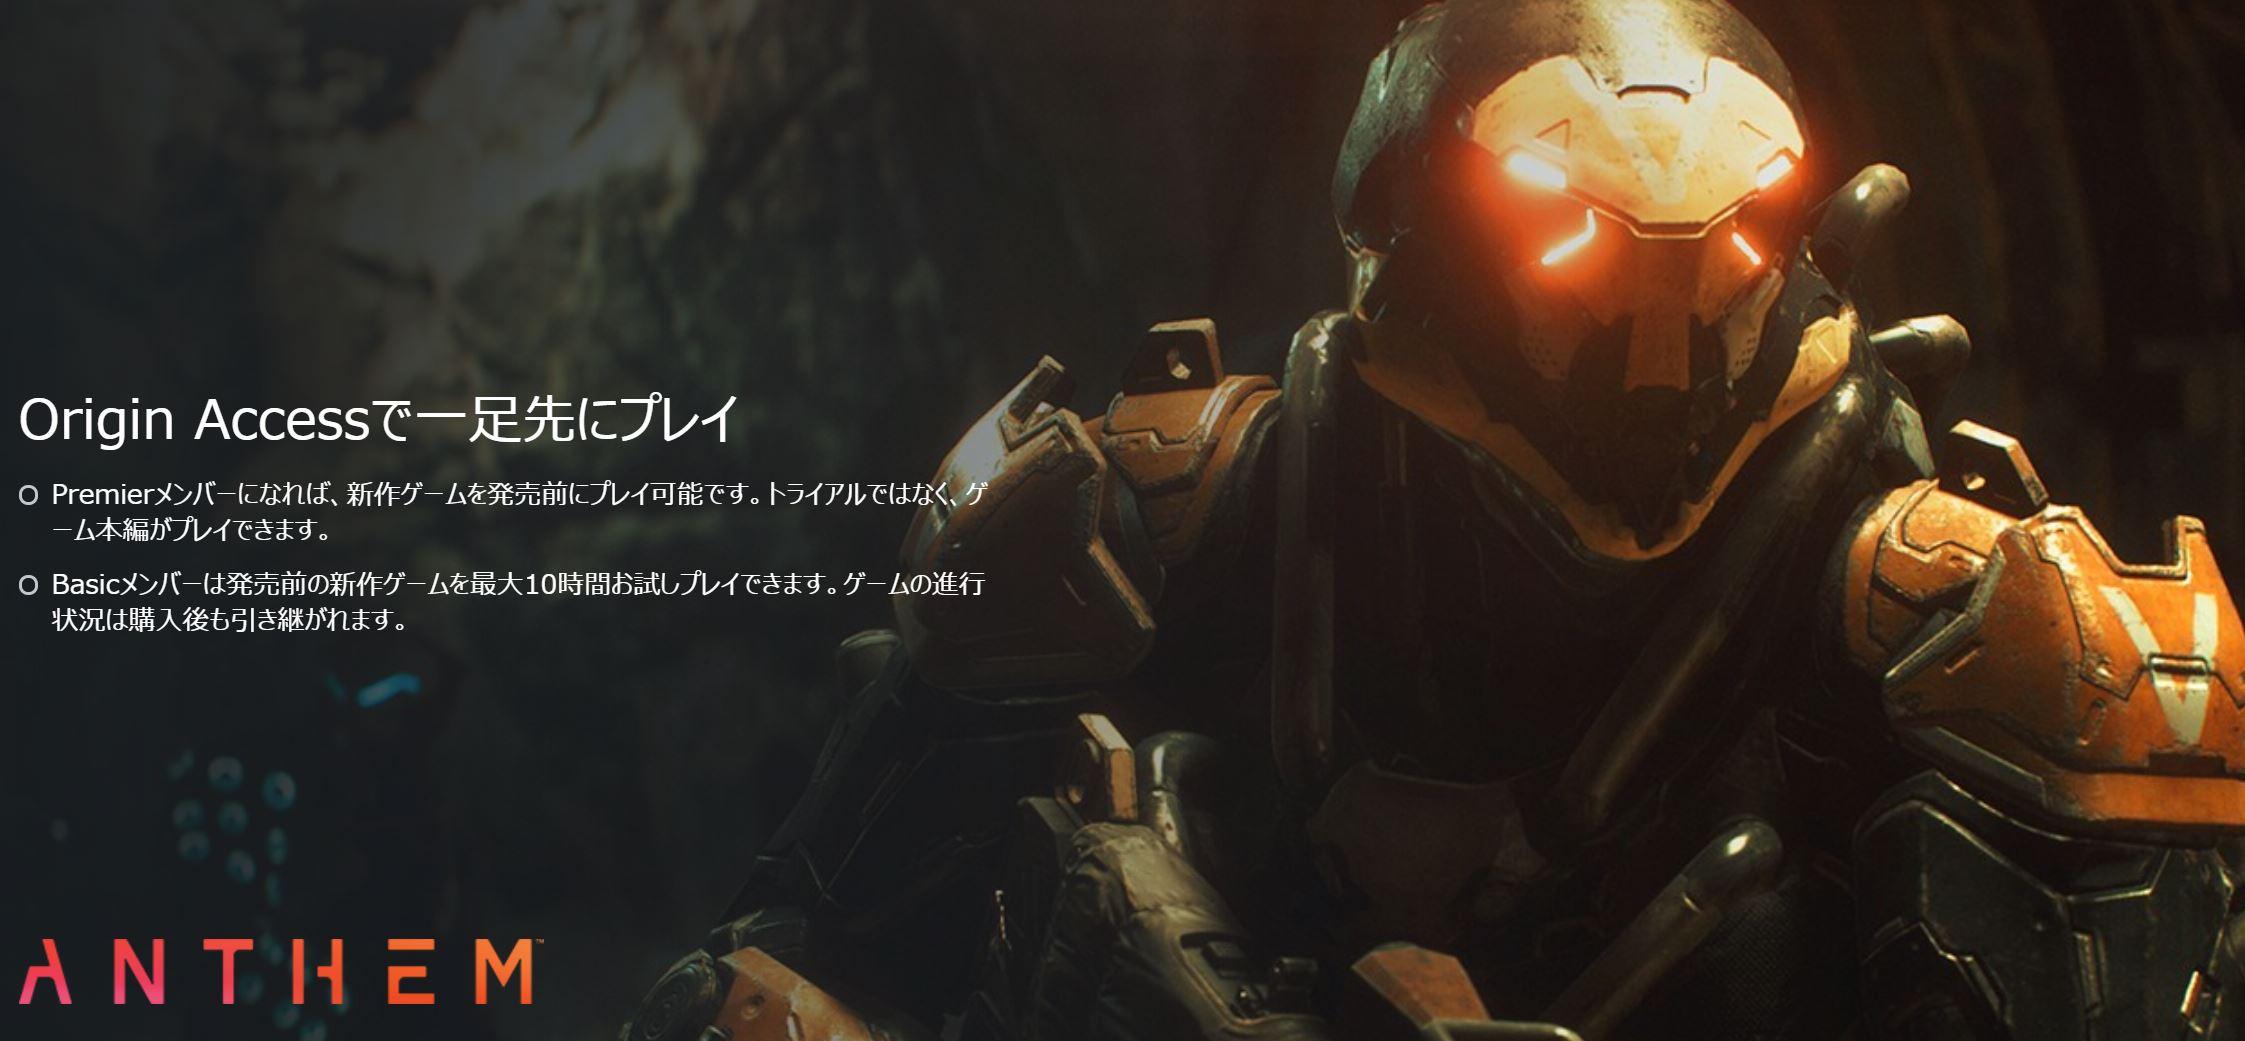 テレビゲーム「ANTHEM」の先行プレイができるOrigin accessのイメージ画像